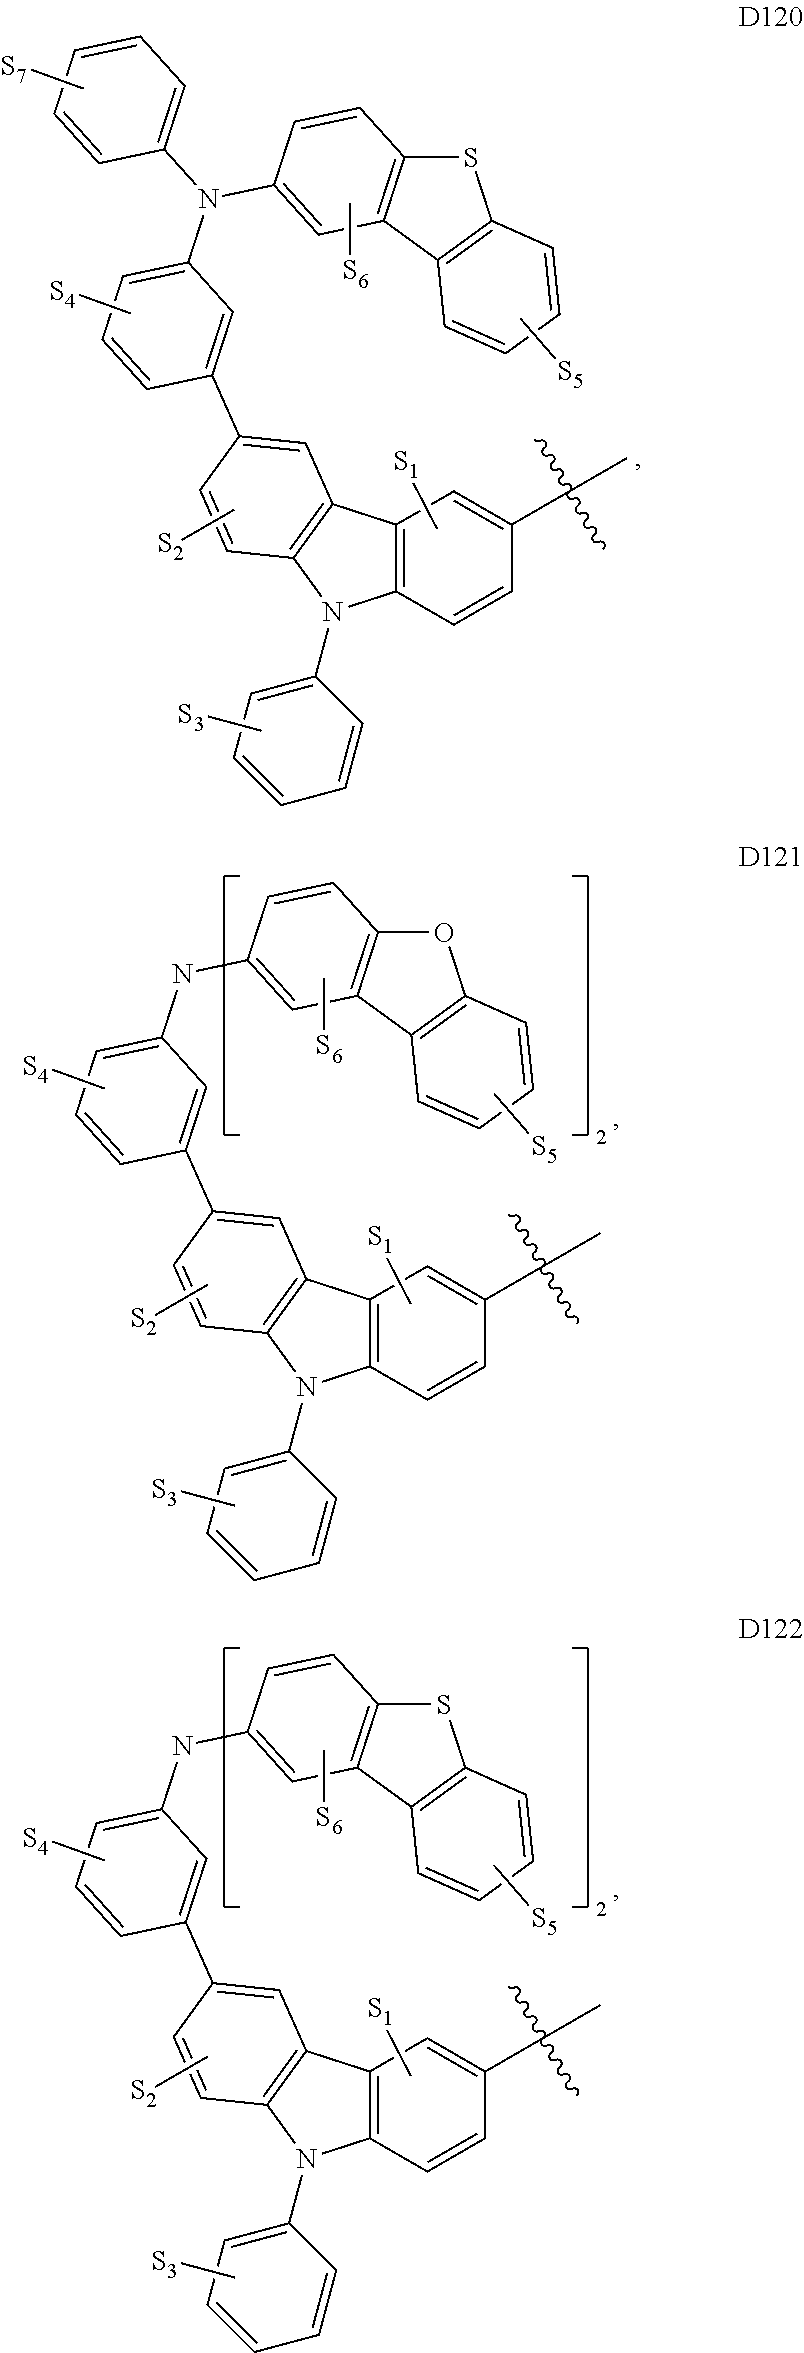 Figure US09537106-20170103-C00155